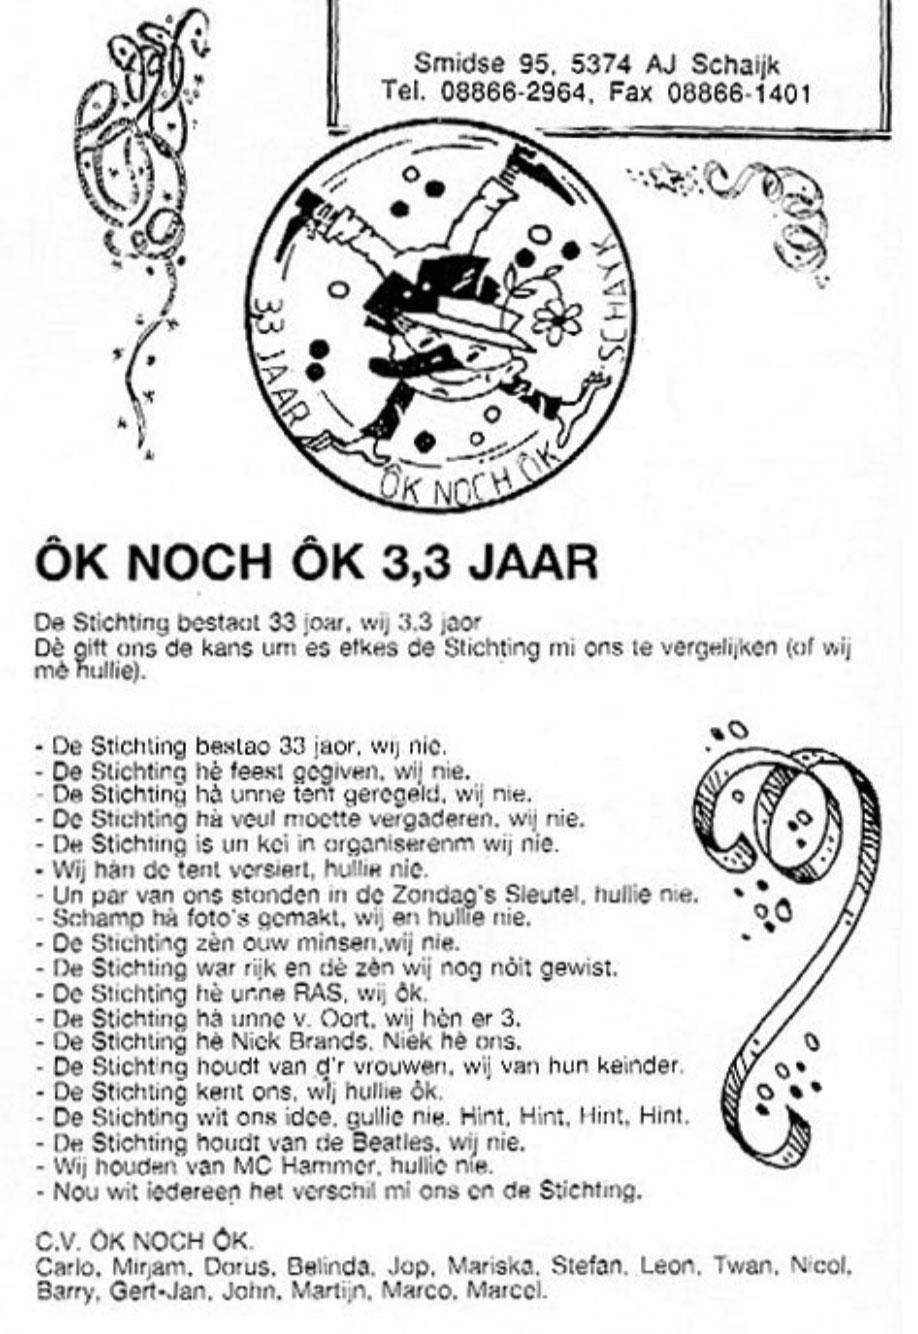 Carnavalskrant Ok Noch Ok - 1992